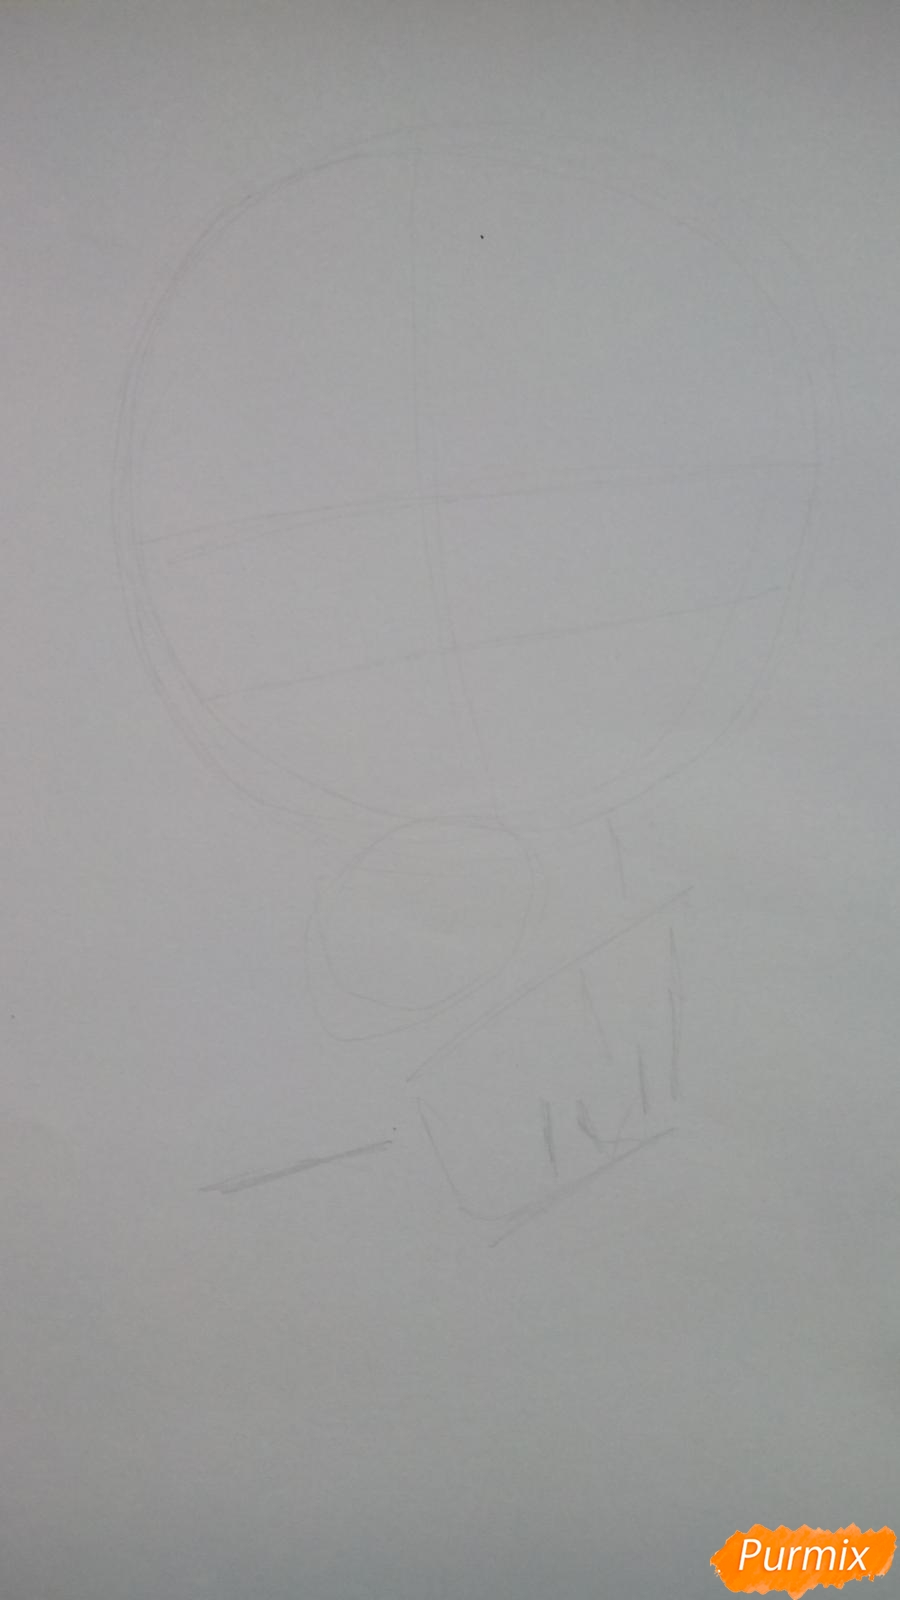 Рисуем чиби Куроко карандашами - шаг 1